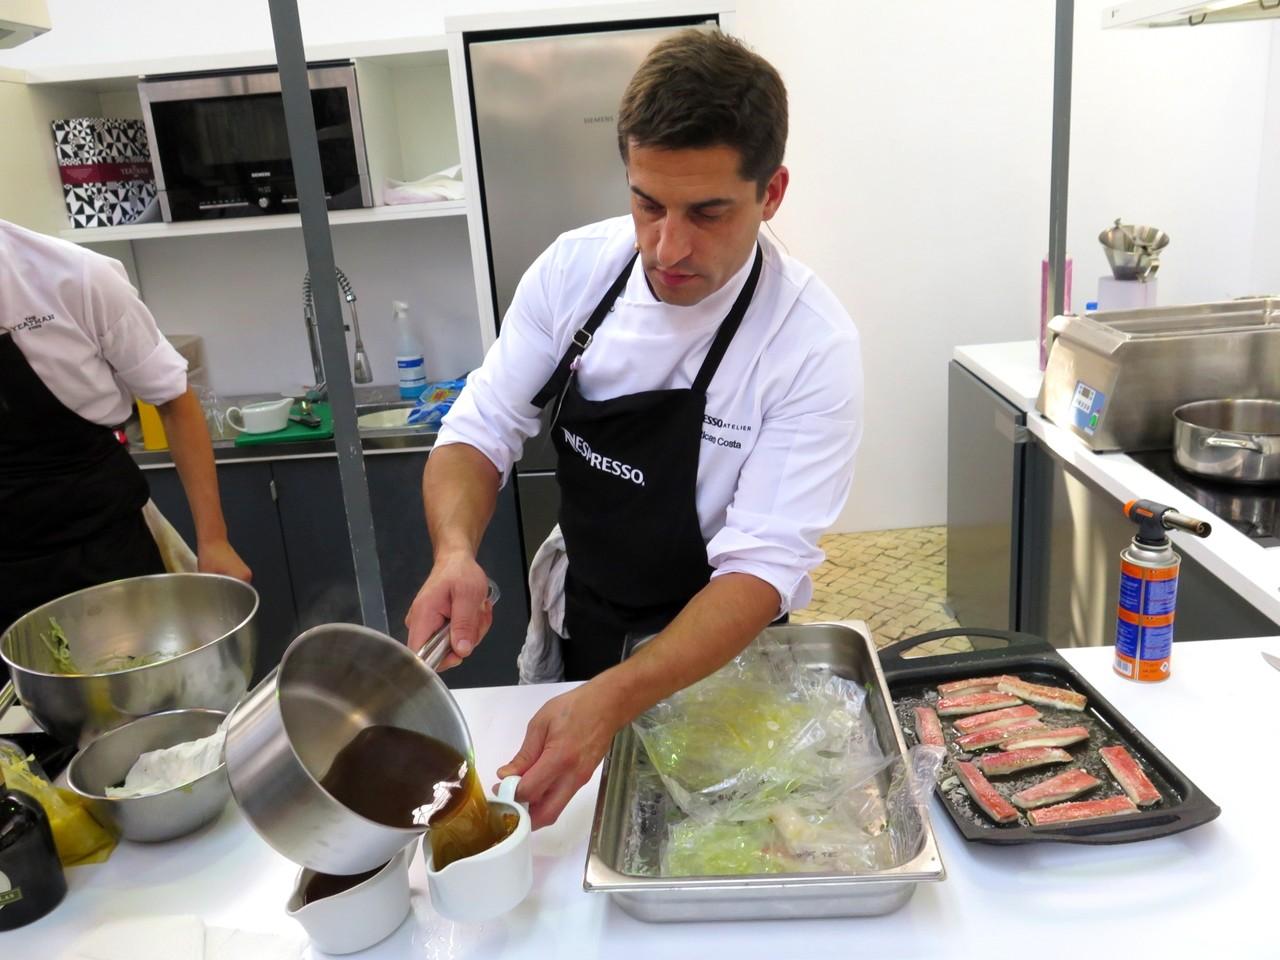 No Atelier Nespresso, Ricardo Costa e o caldo dashi